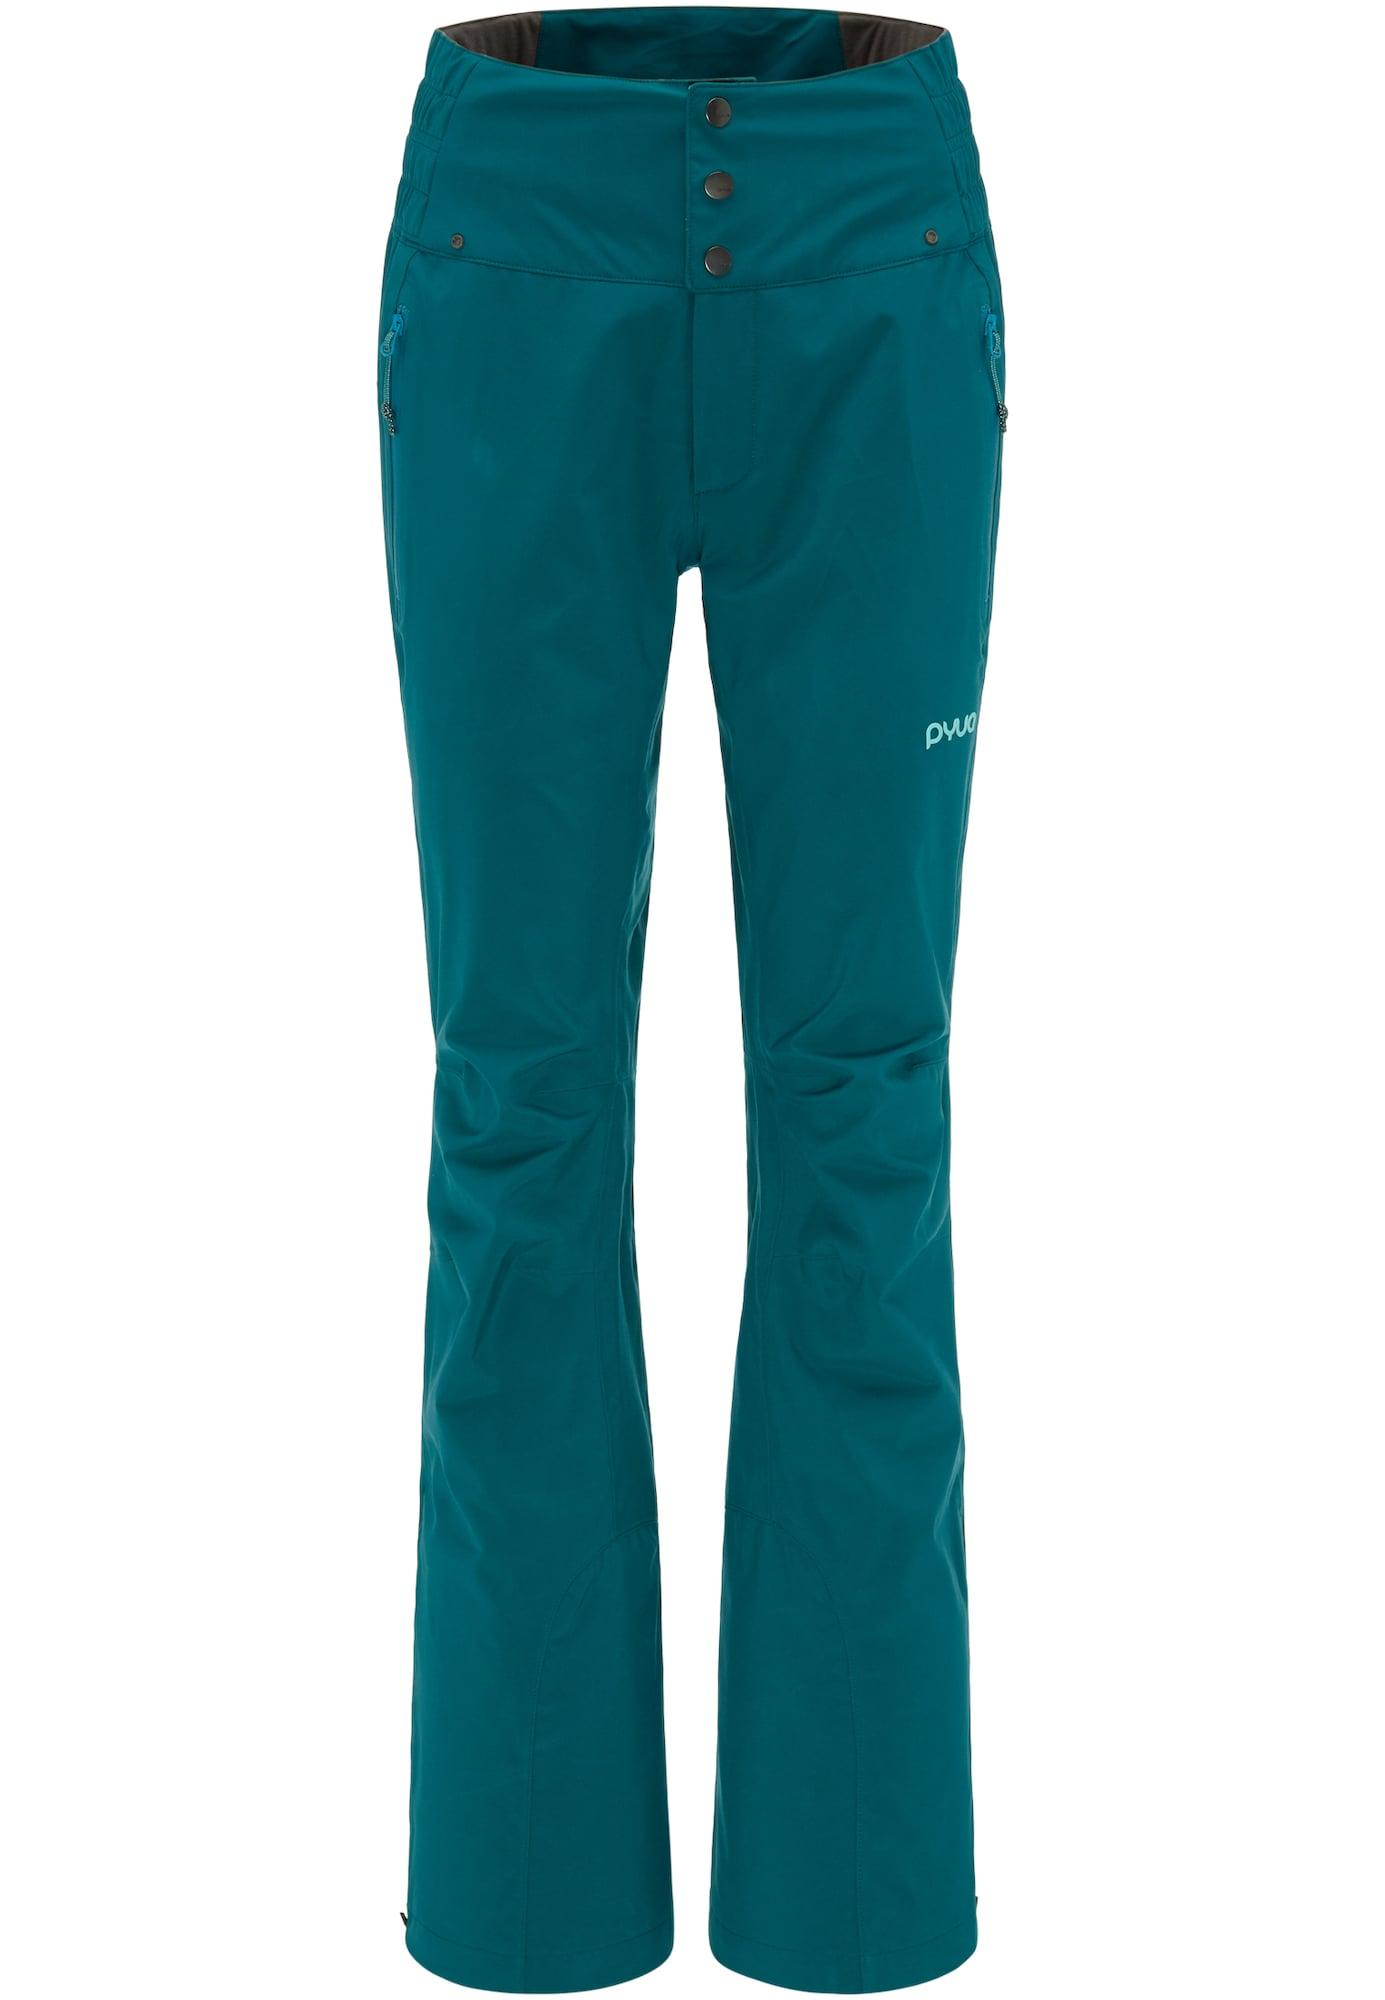 Skihose 'Sooth'   Sportbekleidung > Sporthosen > Skihosen   Pyua